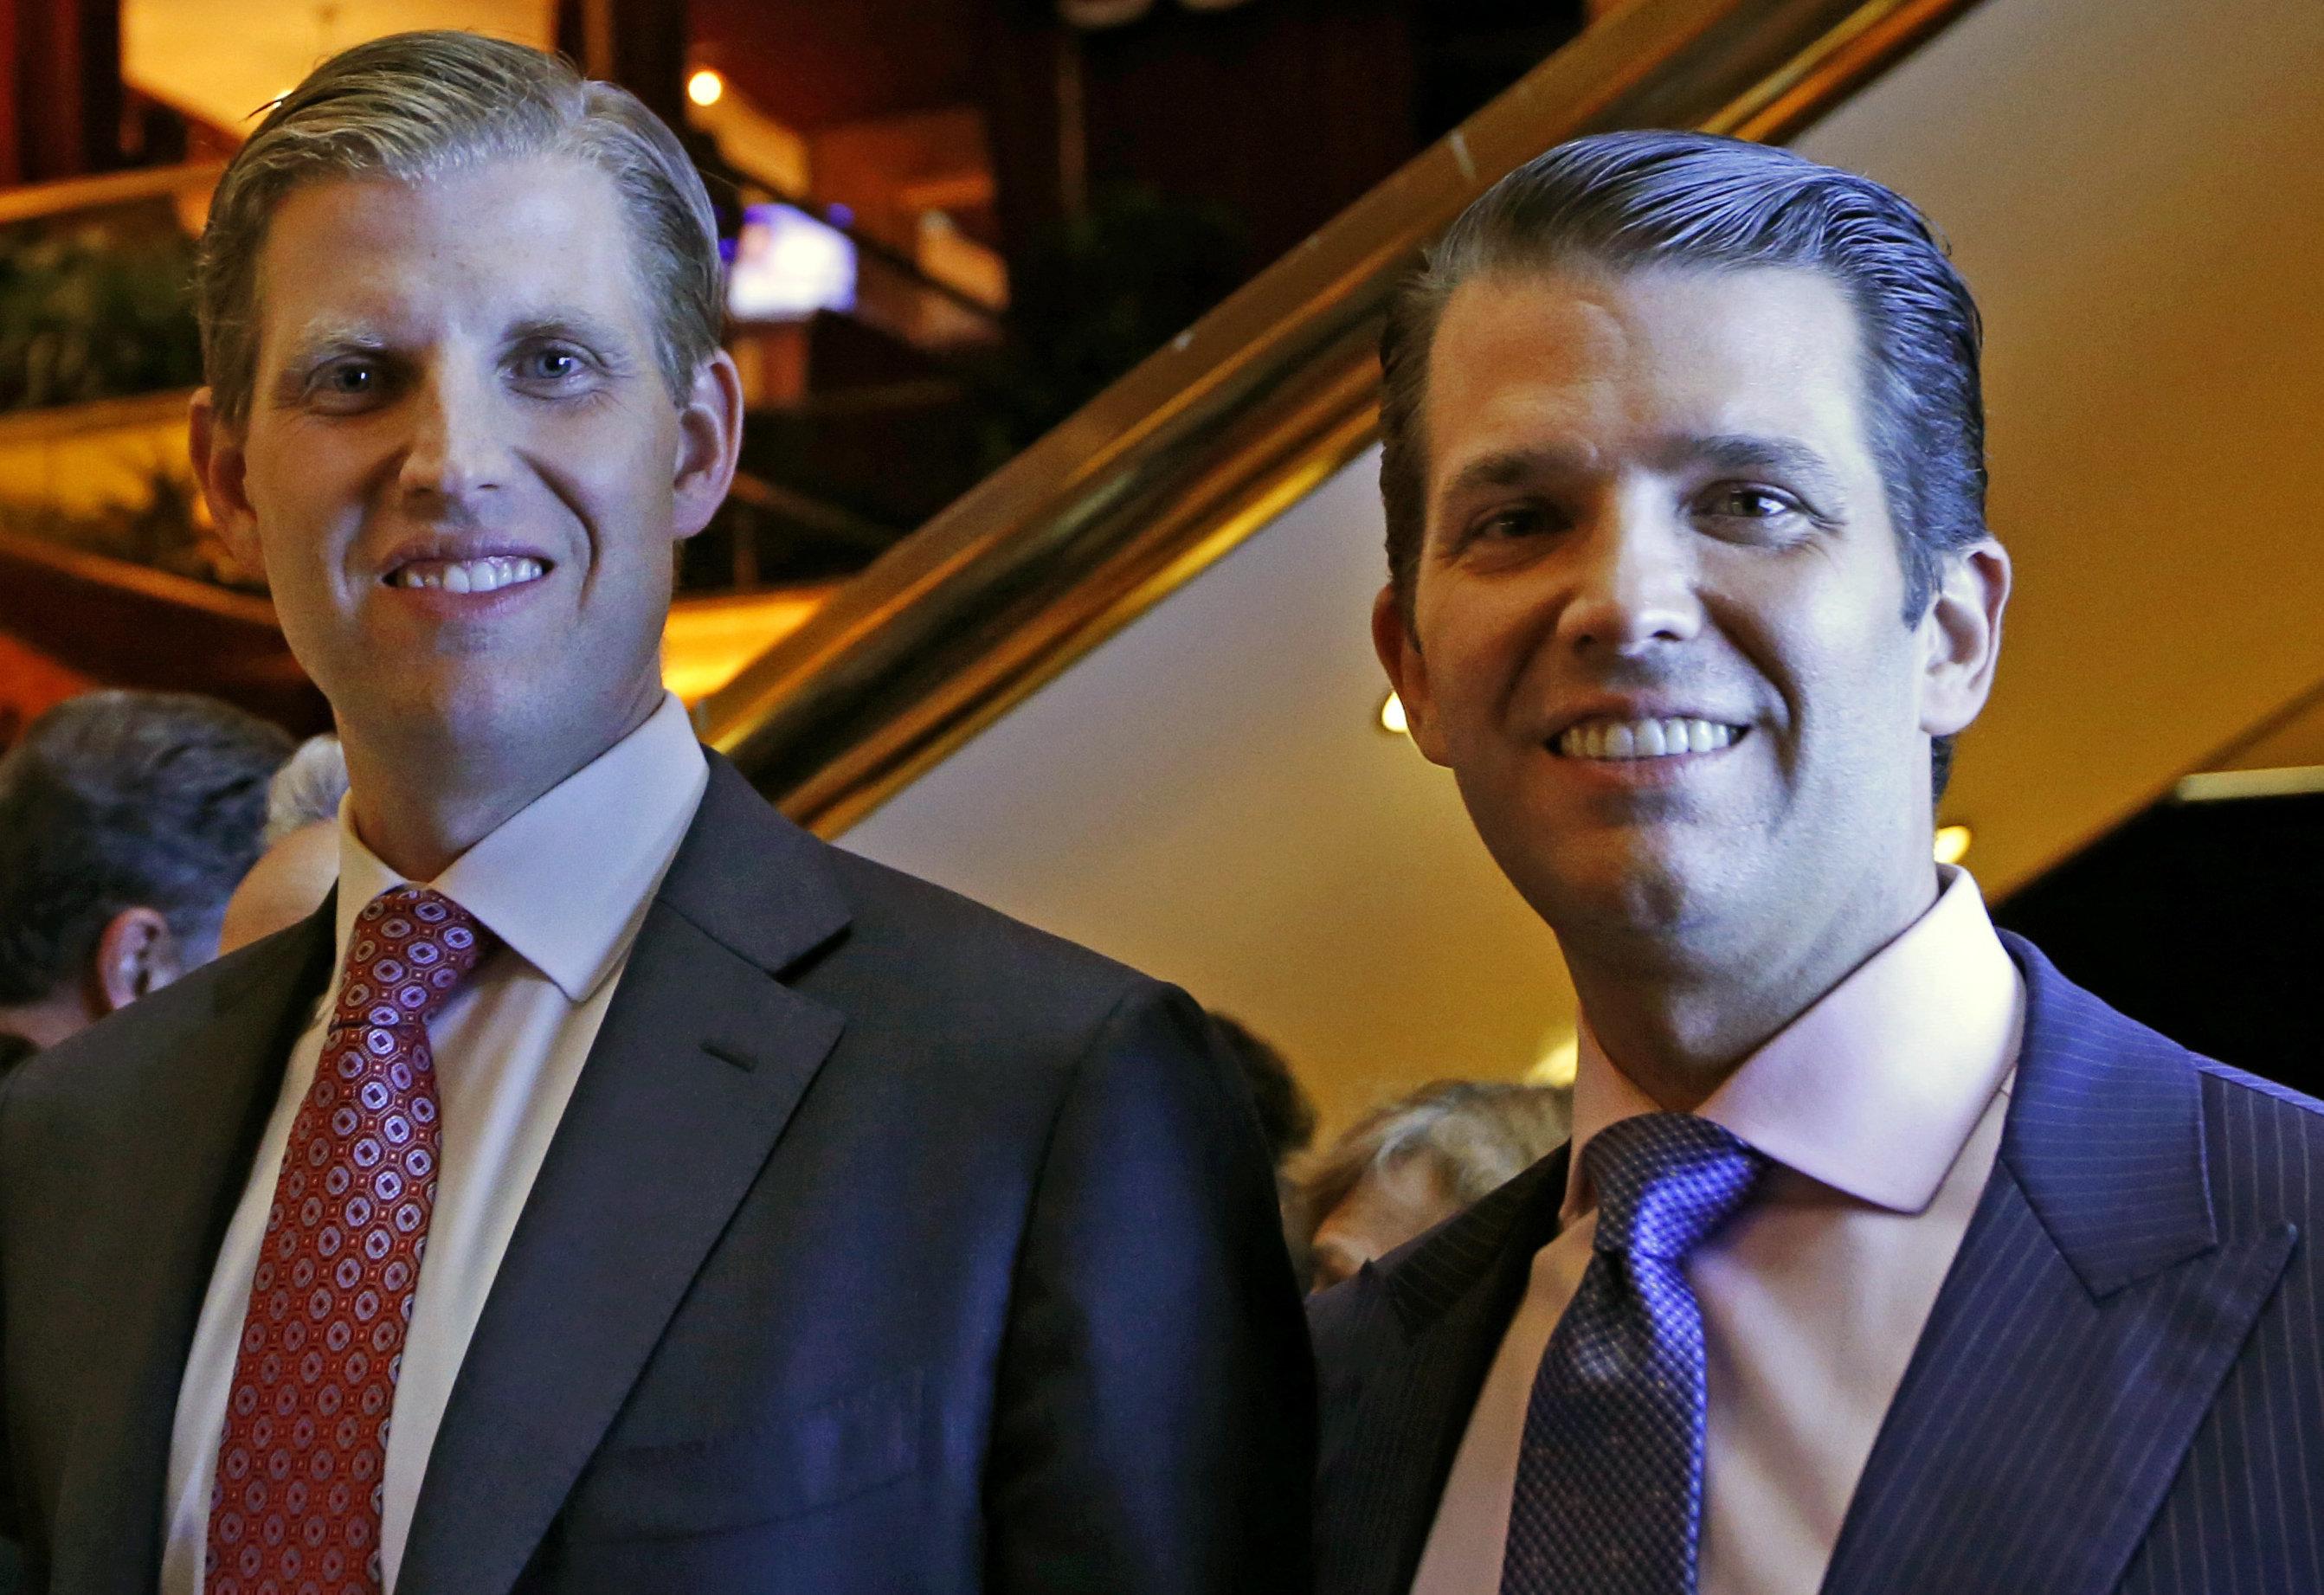 Eric Trump, izquierda, y Donald Trump Jr., vicepresidentes ejecutivos de The Trump Organization, posan para una foto en un evento para los Hoteles Scion, una división de los hoteles Trump, el lunes 5 de junio del 2017, en Nueva York. (AP Foto/Kathy Willens)